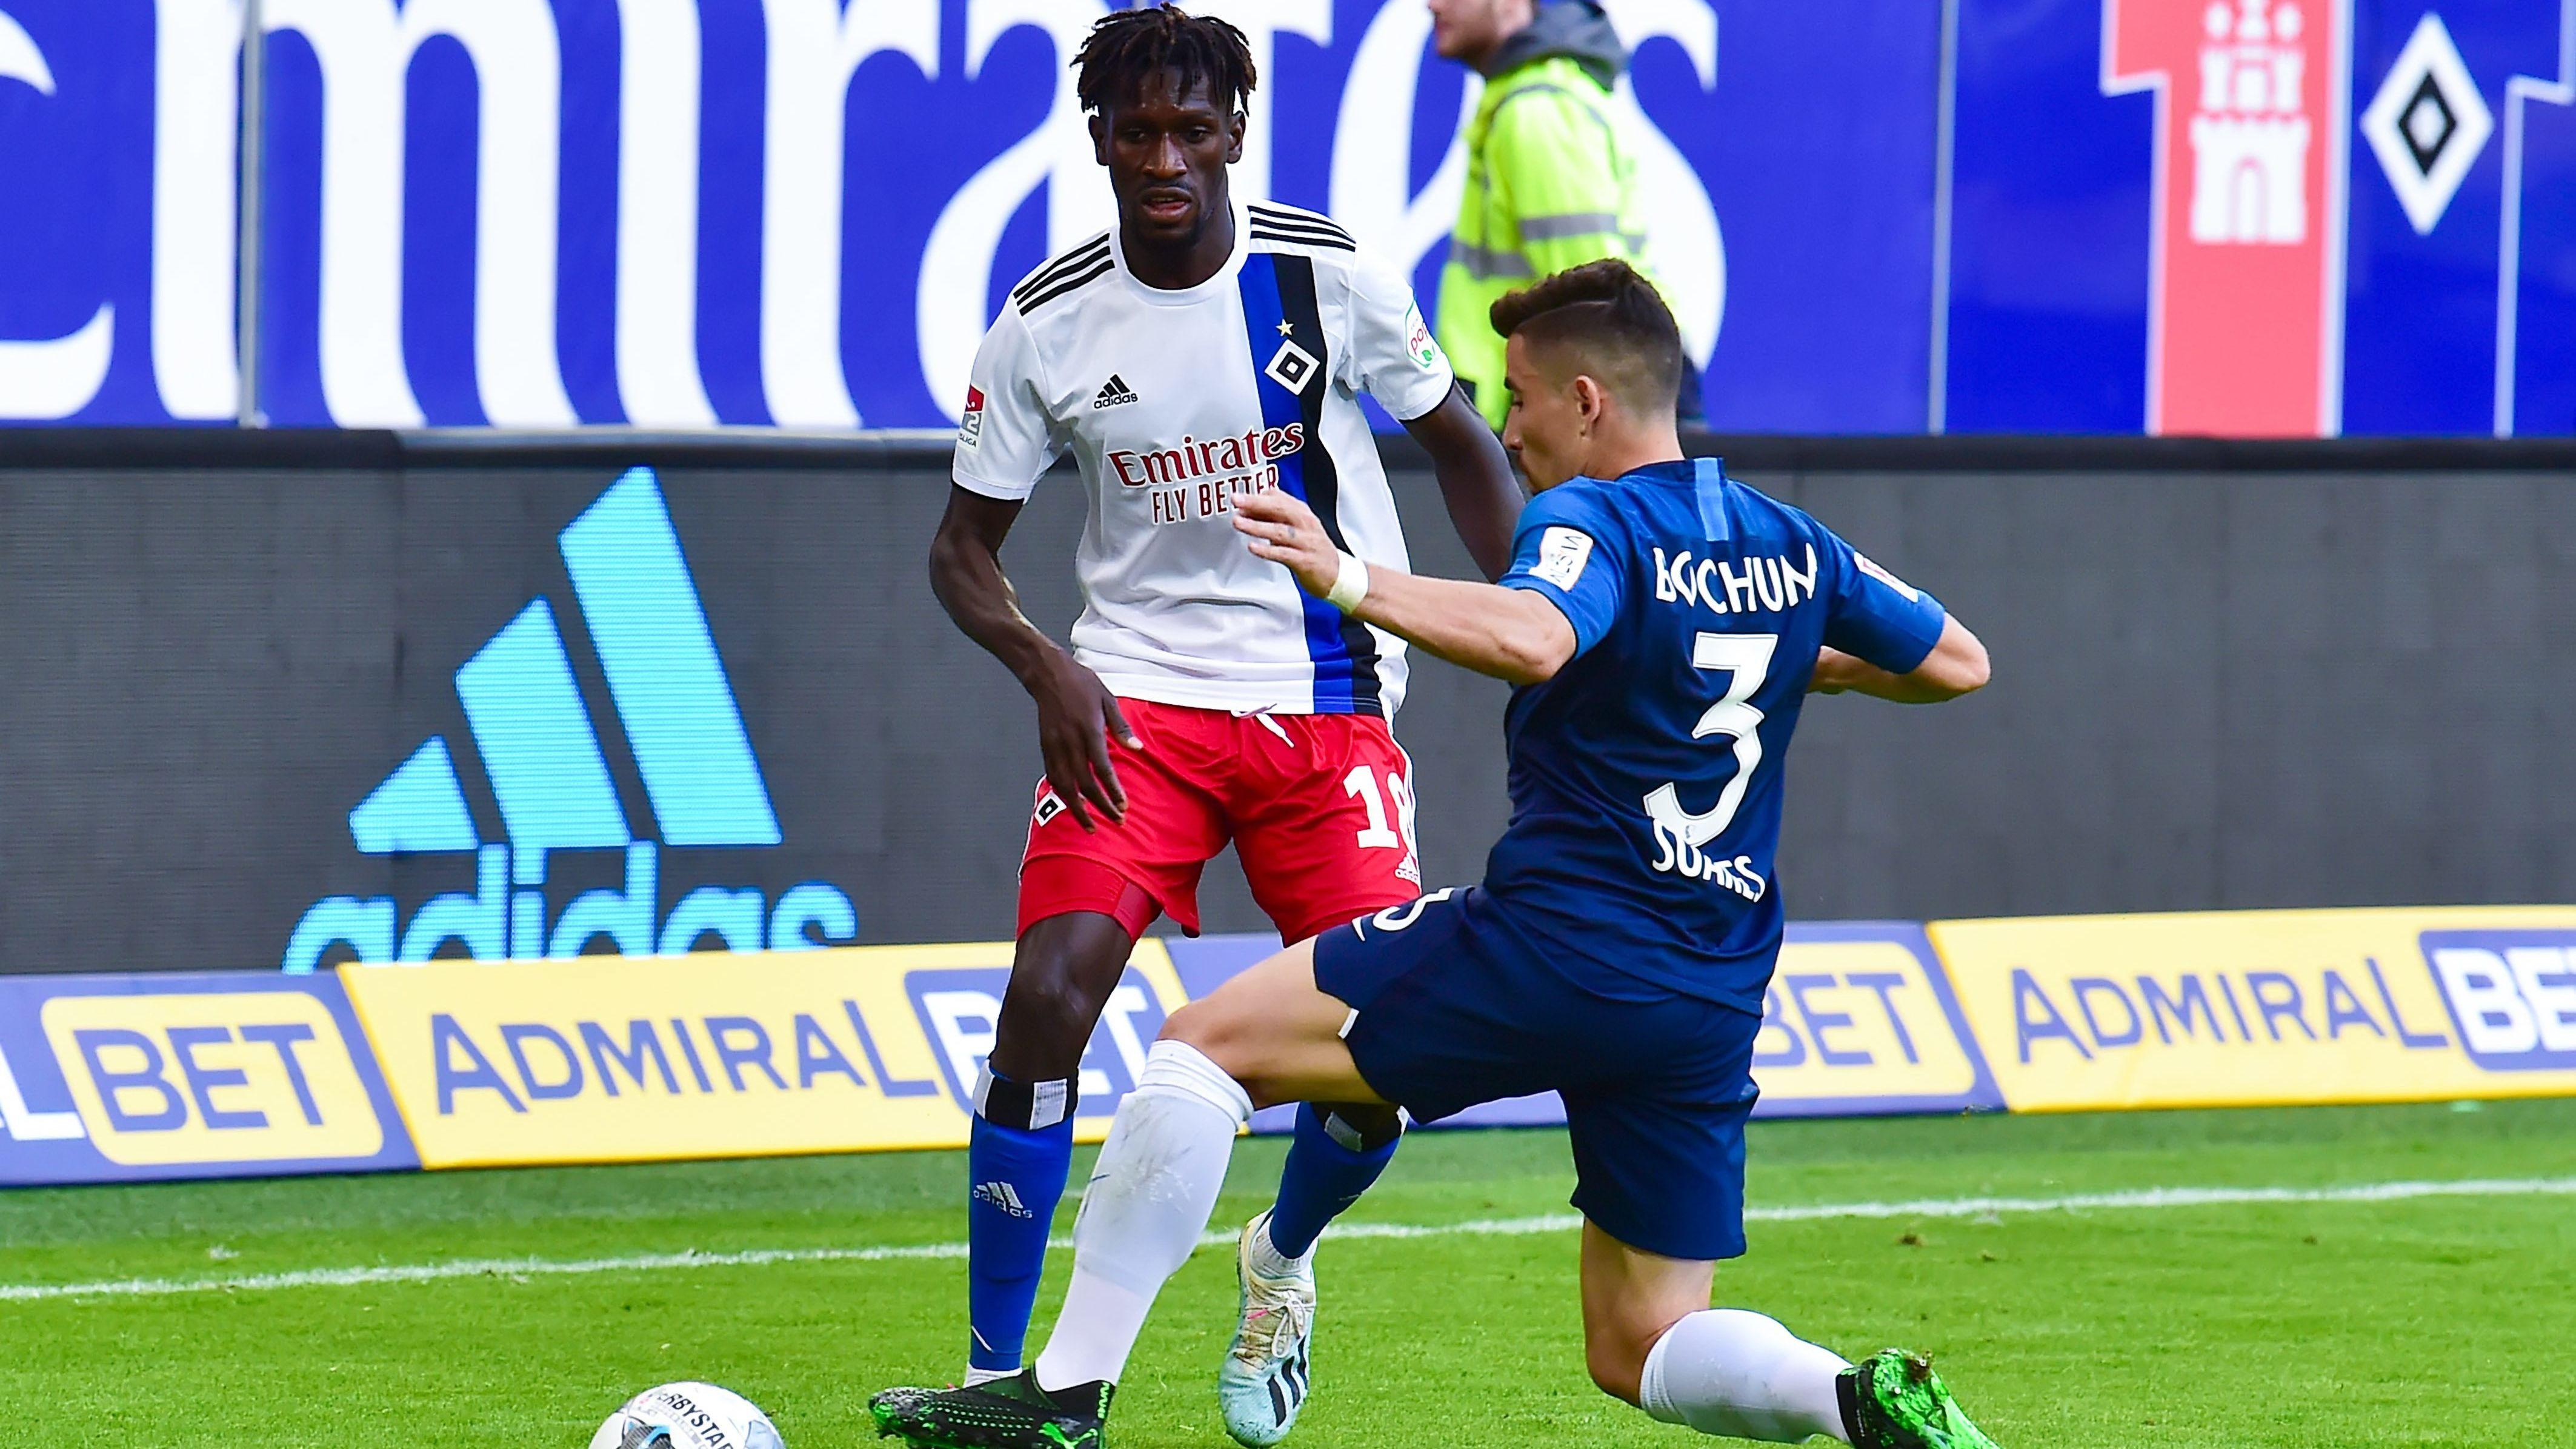 Nach Pleite gegen HSV: Auch Bochum legt Einspruch ein - kicker